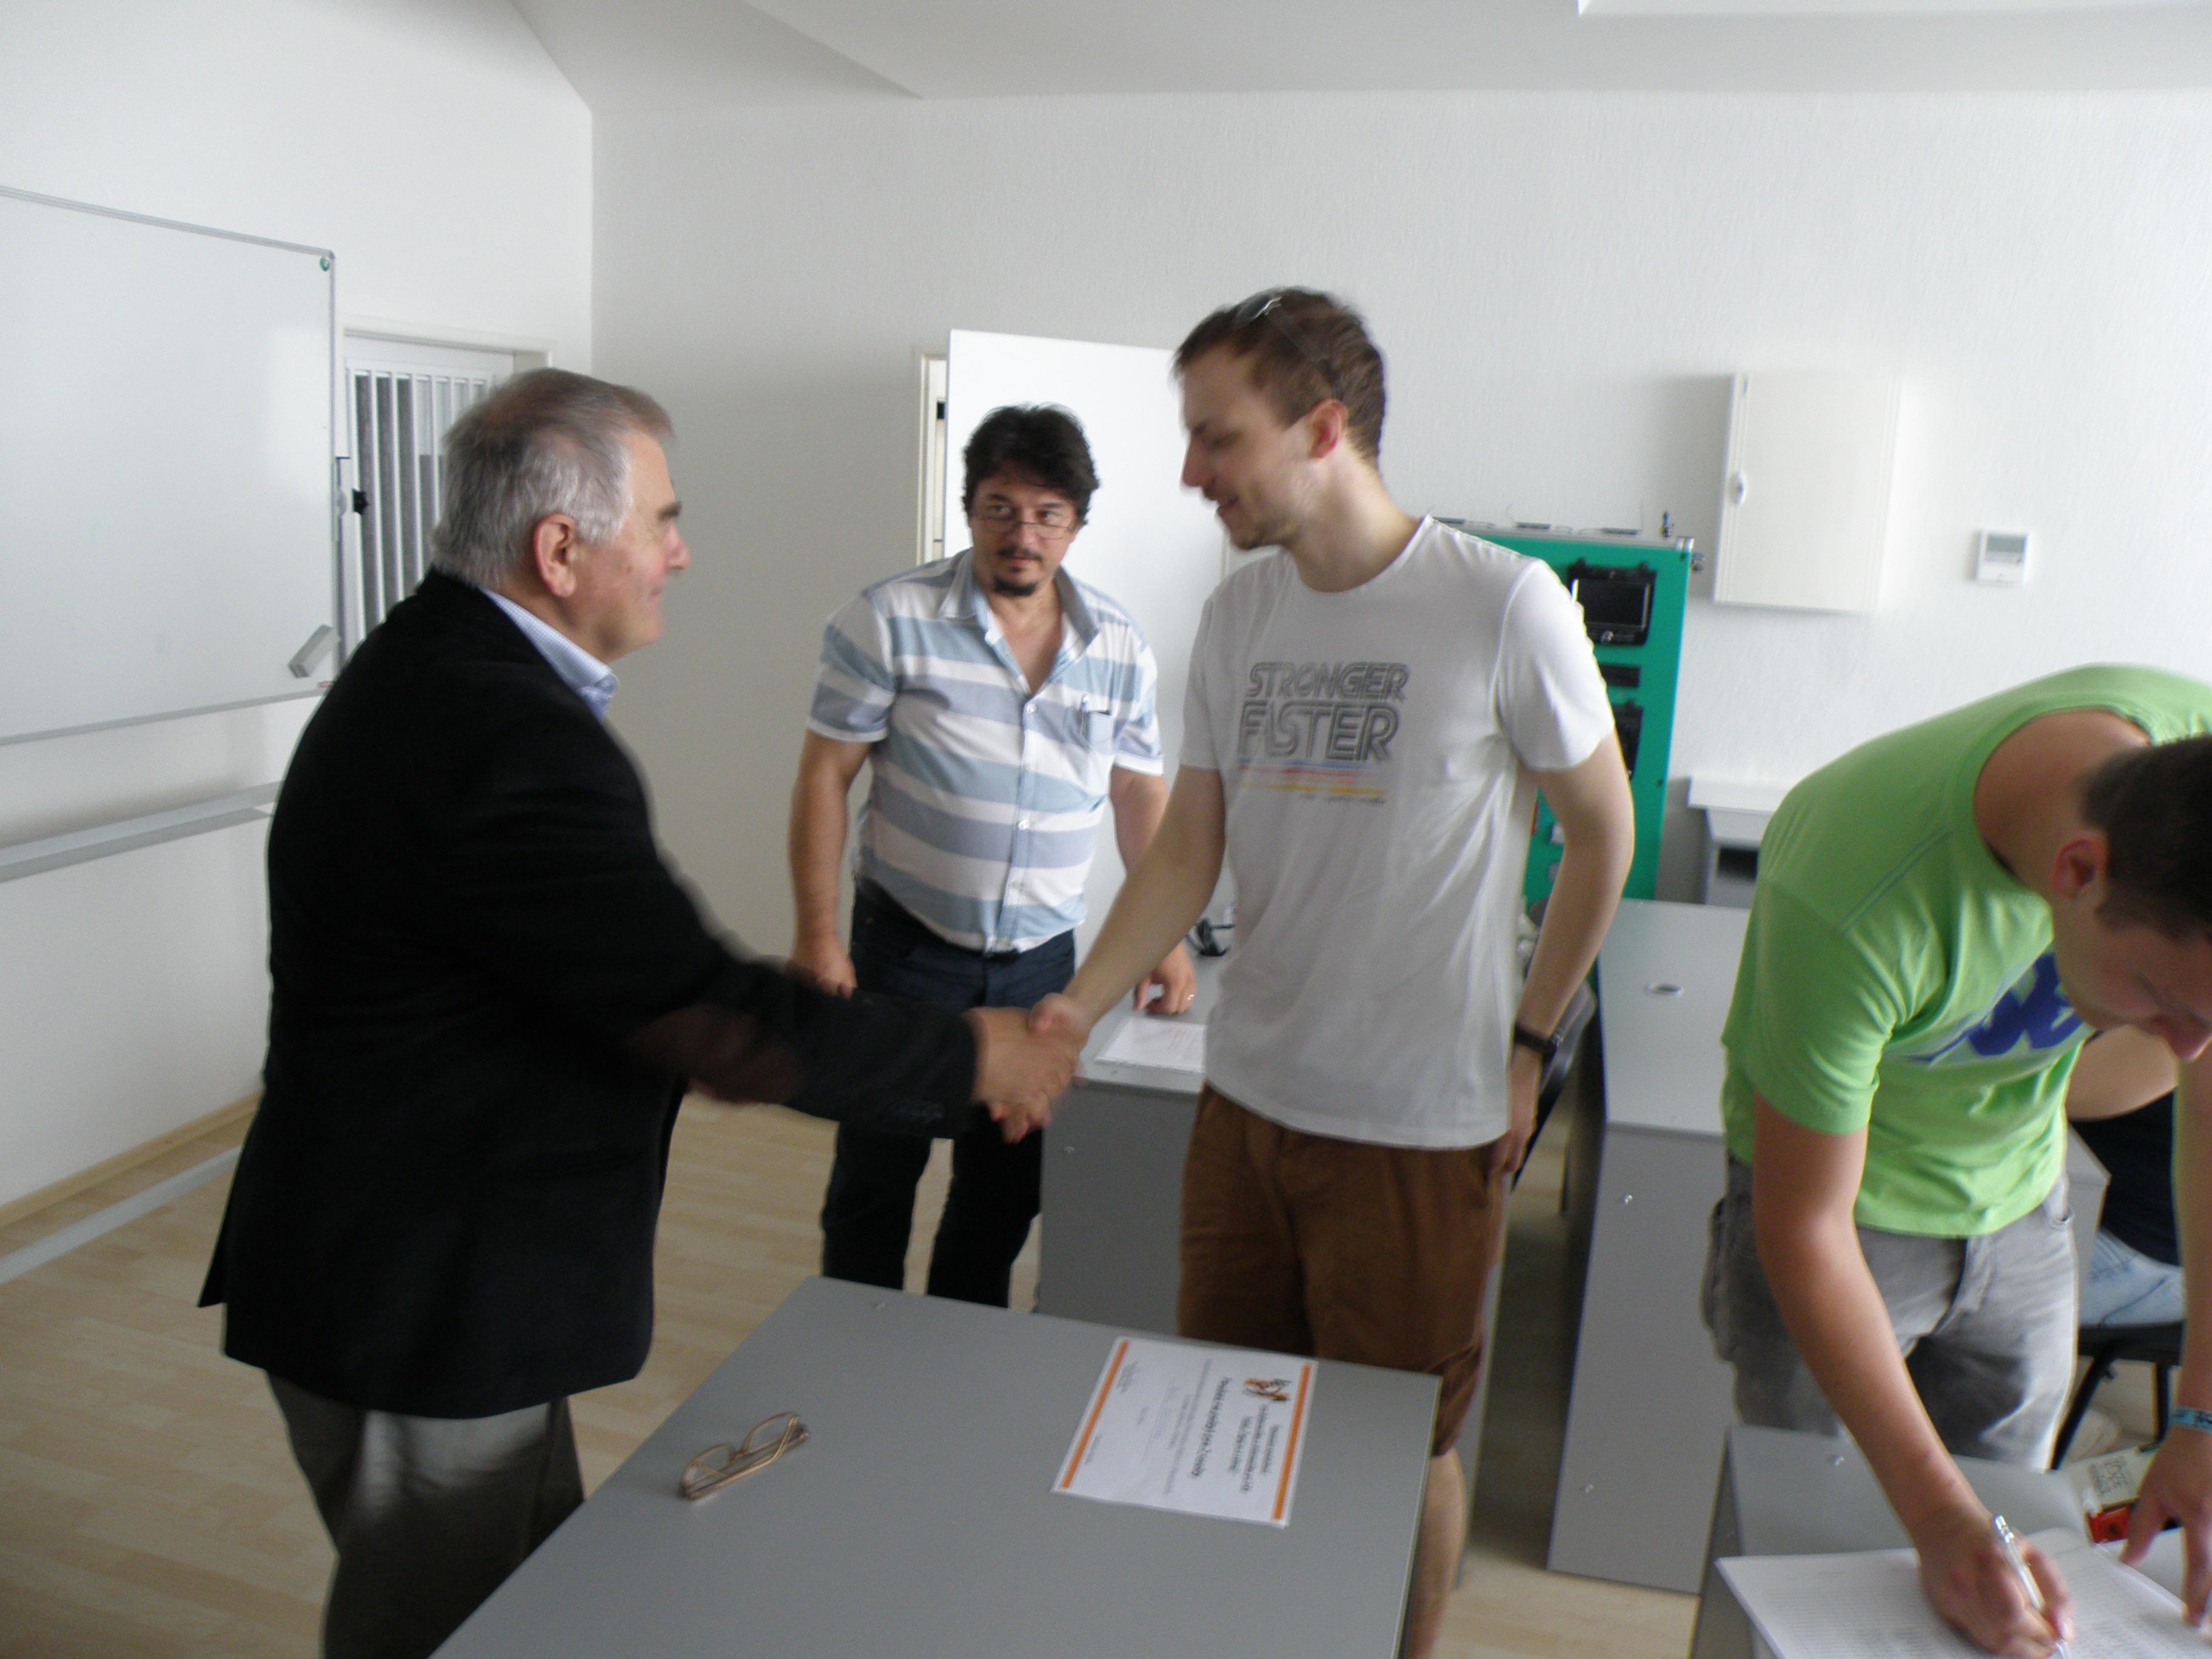 Odovzdávanie cien študentom FEI v rámci súťaže Zapoj sa a vyhraj! (1.7.2015)